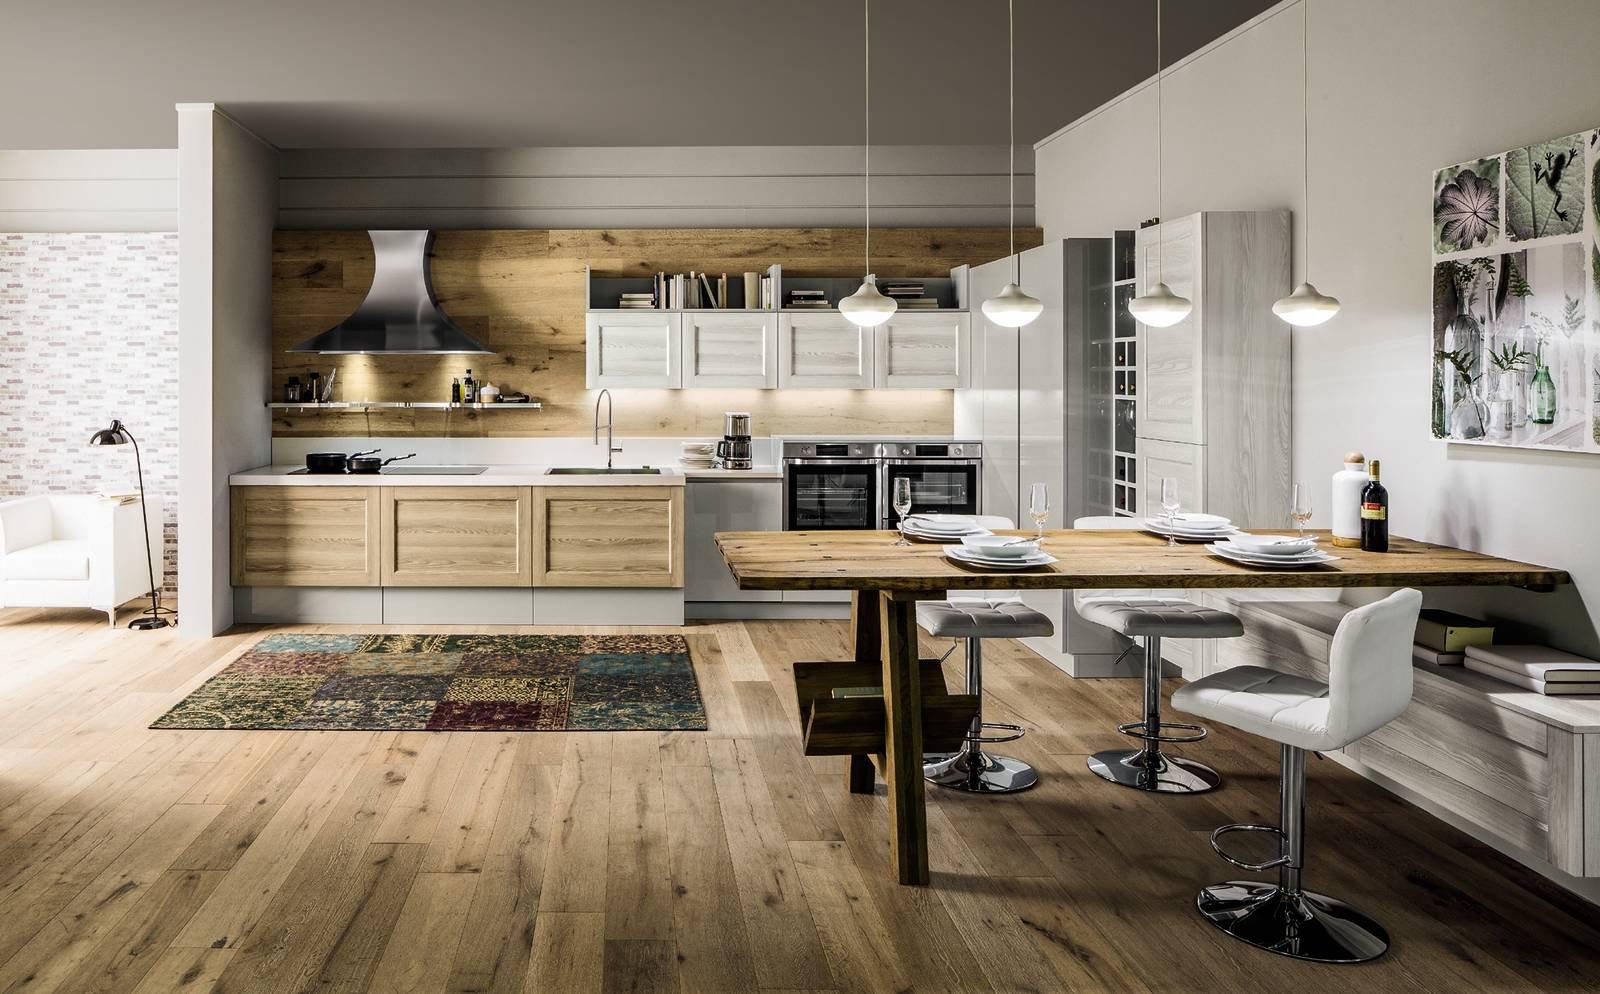 Cucine qual il legno pi richiesto e venduto cose di casa - Cucina acciaio e legno ...